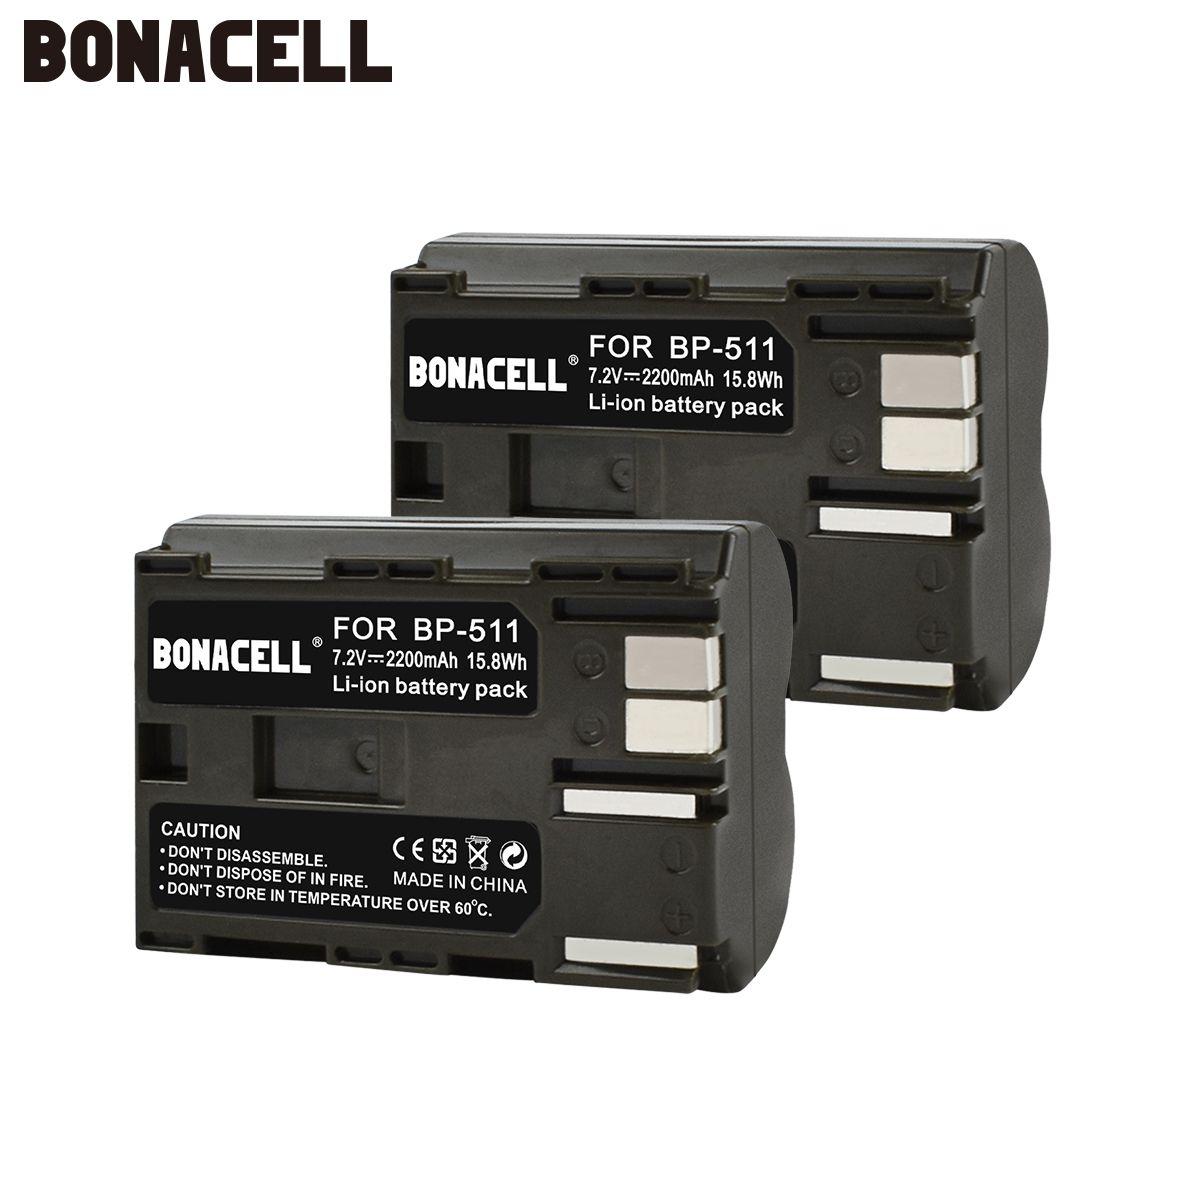 Bonacell 2200mAh BP-511 BP-511A BP 511A for Camera Battery BP511 BP 511 For Canon EOS 40D 300D 5D 20D 30D 50D 10D G6 L10